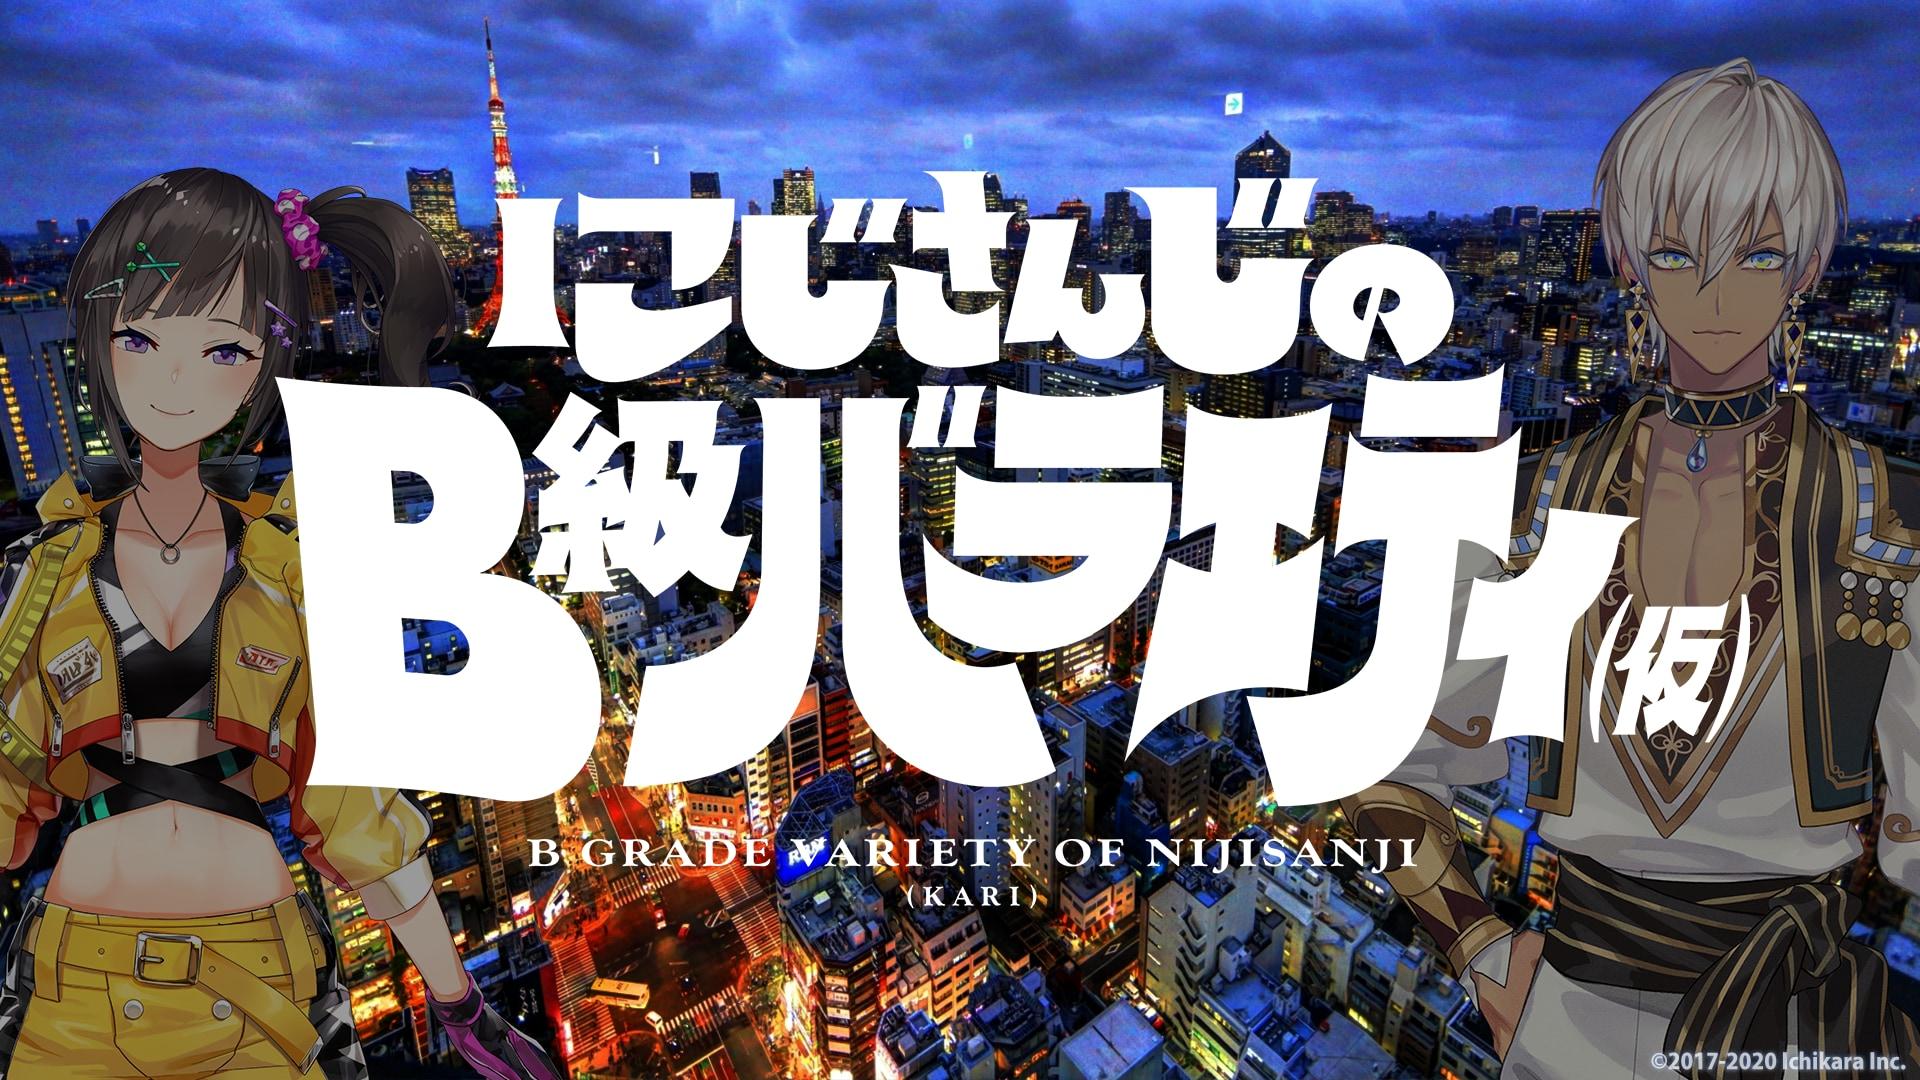 テーマは低予算・B級・深夜番組!イブラヒム・早瀬走がメインMCの新番組「にじさんじのB級バラエティ(仮)」スタート